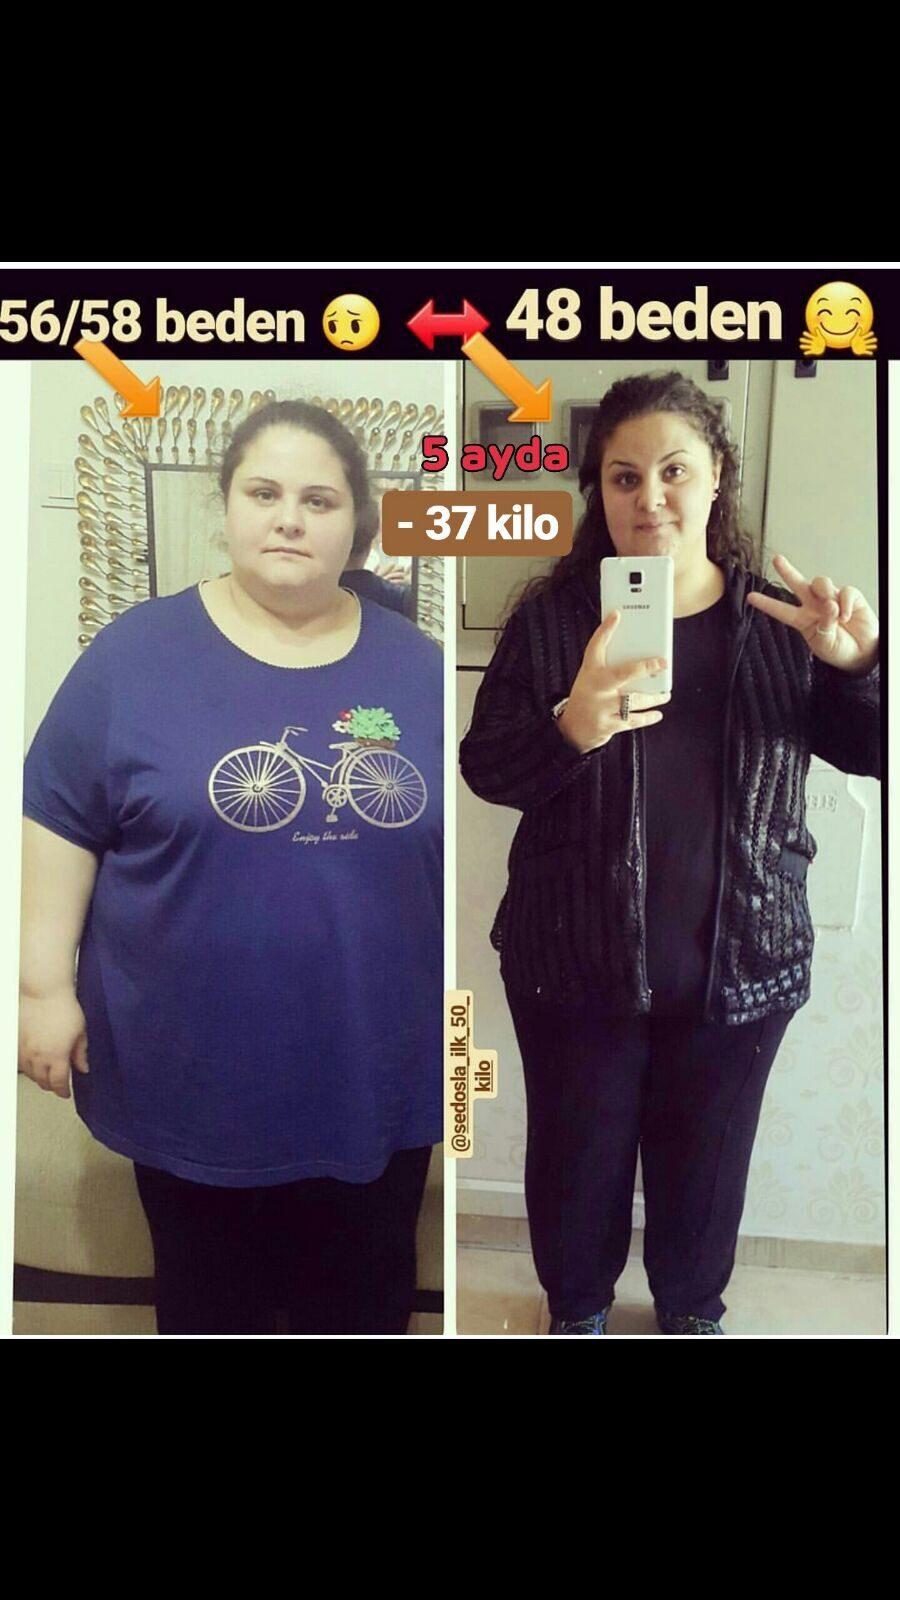 4 ayda giden -40 kilo